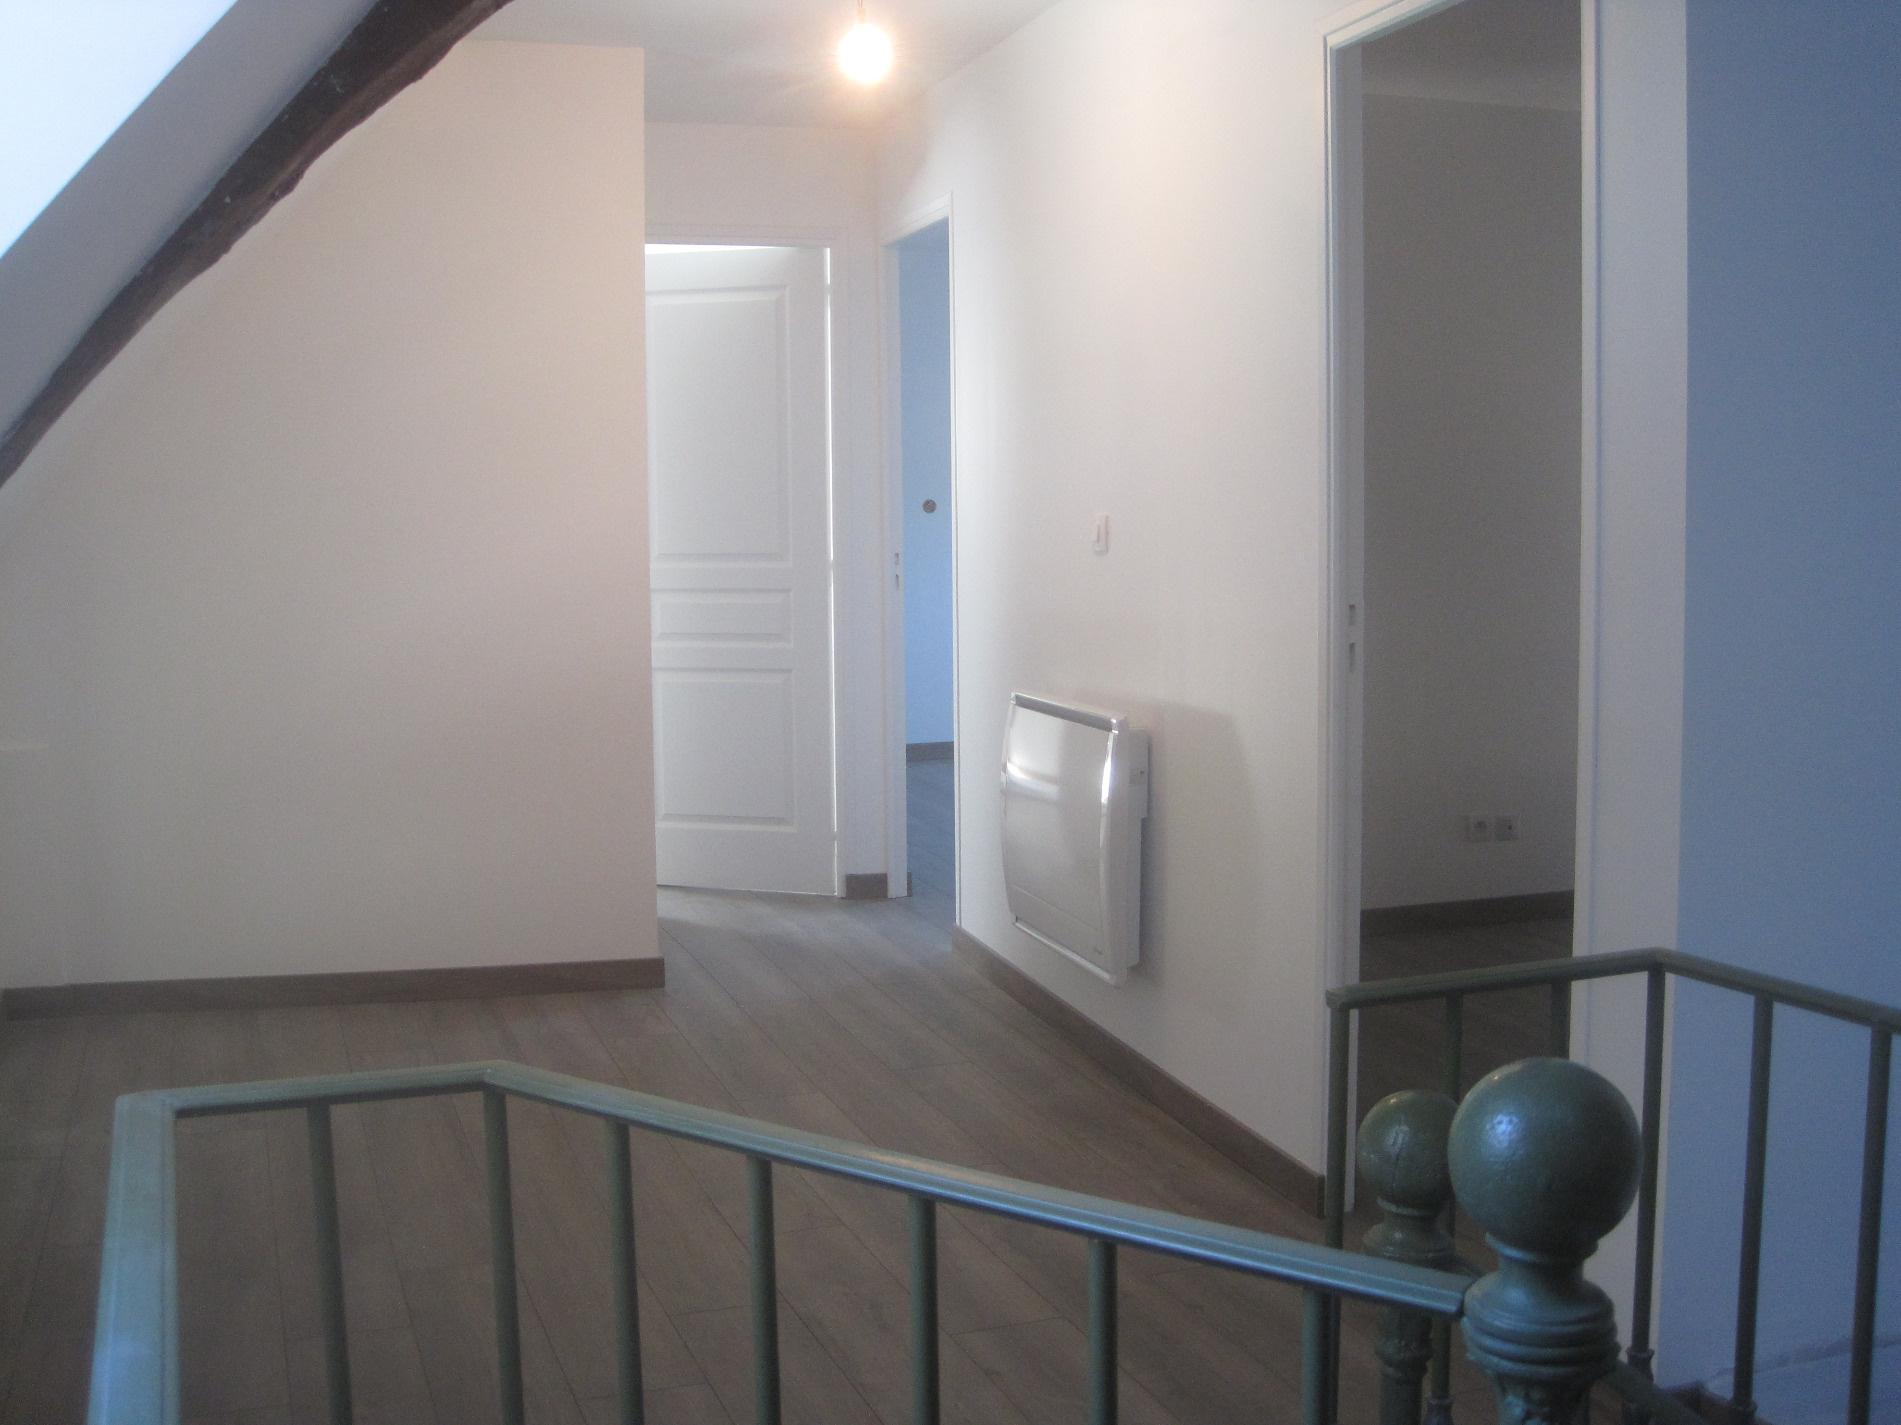 location bourgoin jallieu salagnon et plus appartements et maisons louer. Black Bedroom Furniture Sets. Home Design Ideas